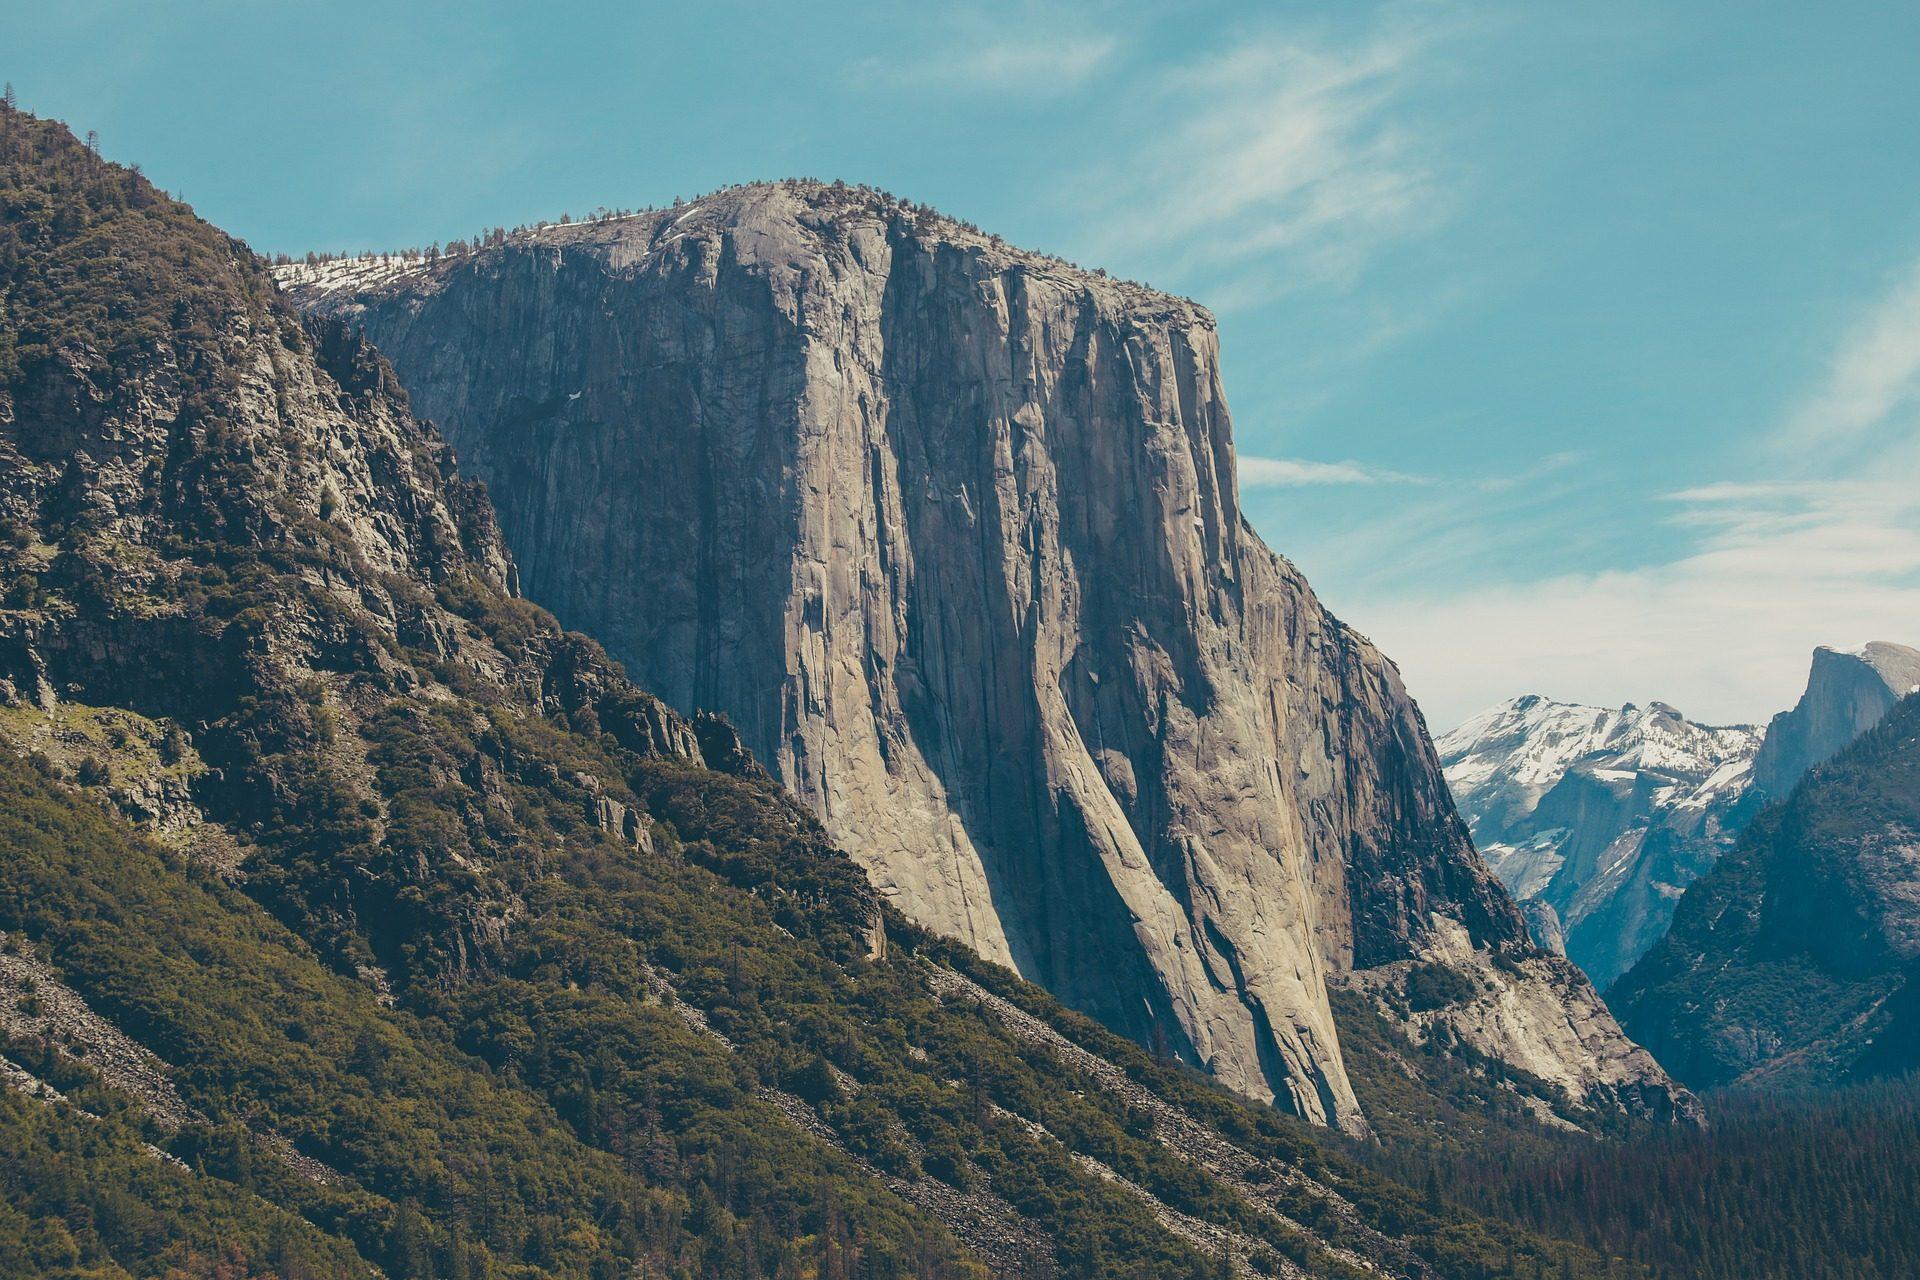 الجبال, الغابات, الأشجار, مرتفعات, الثلج, التل - خلفيات عالية الدقة - أستاذ falken.com